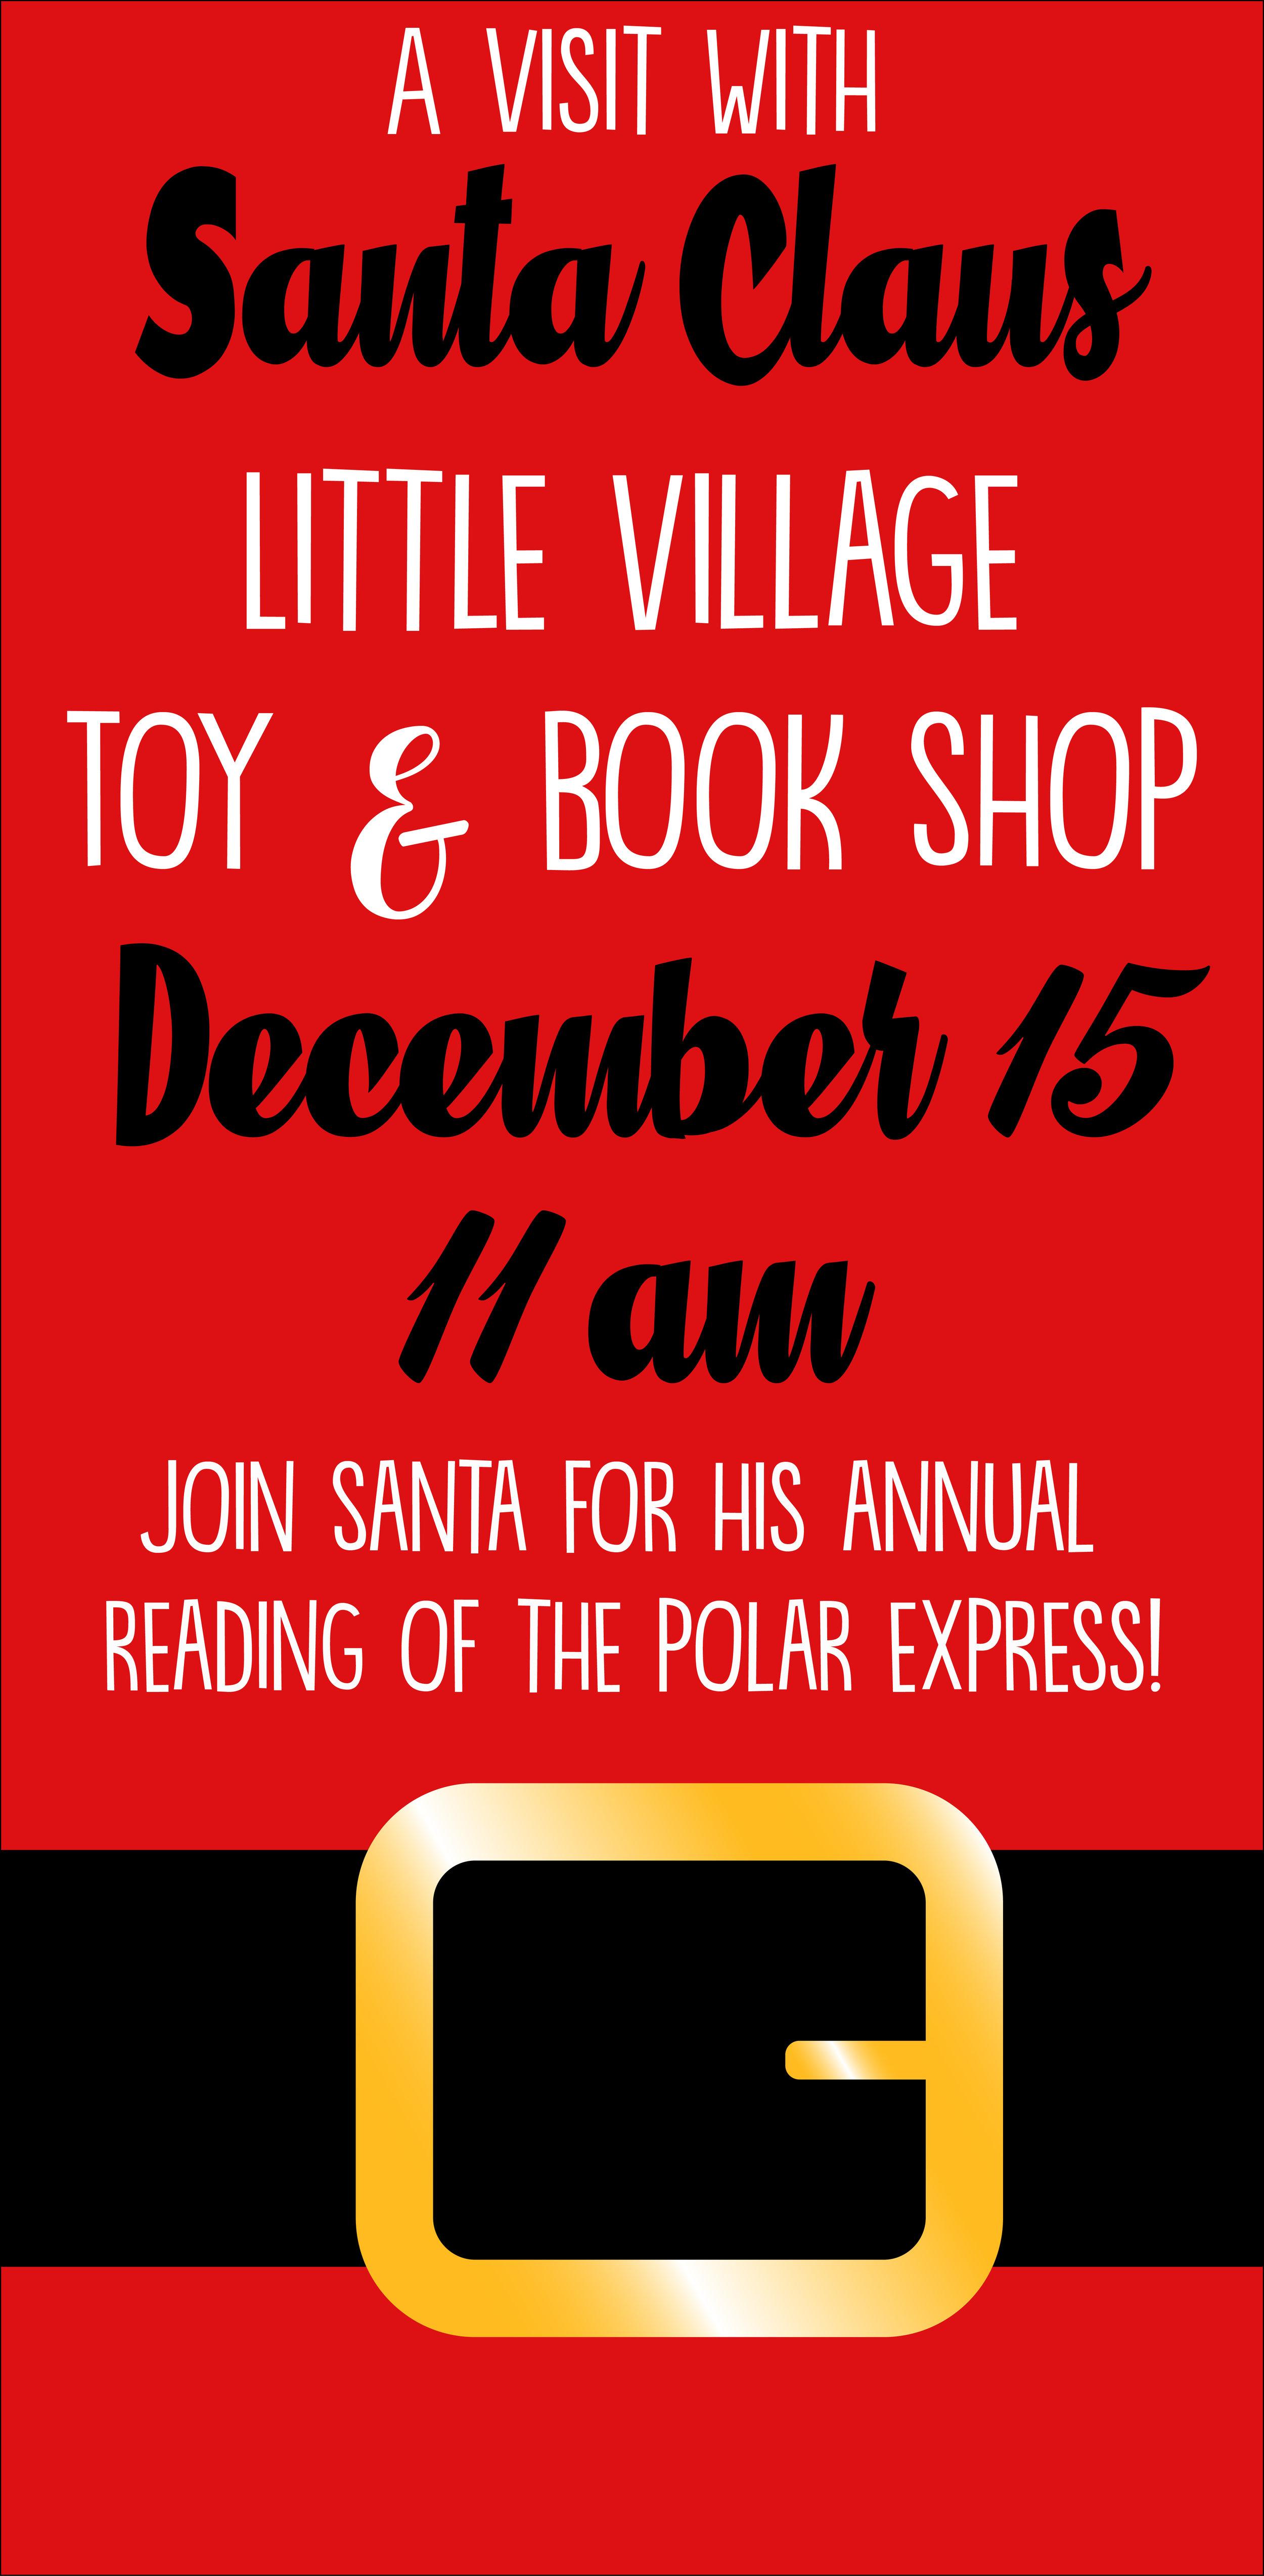 Santa visit flyer.jpg